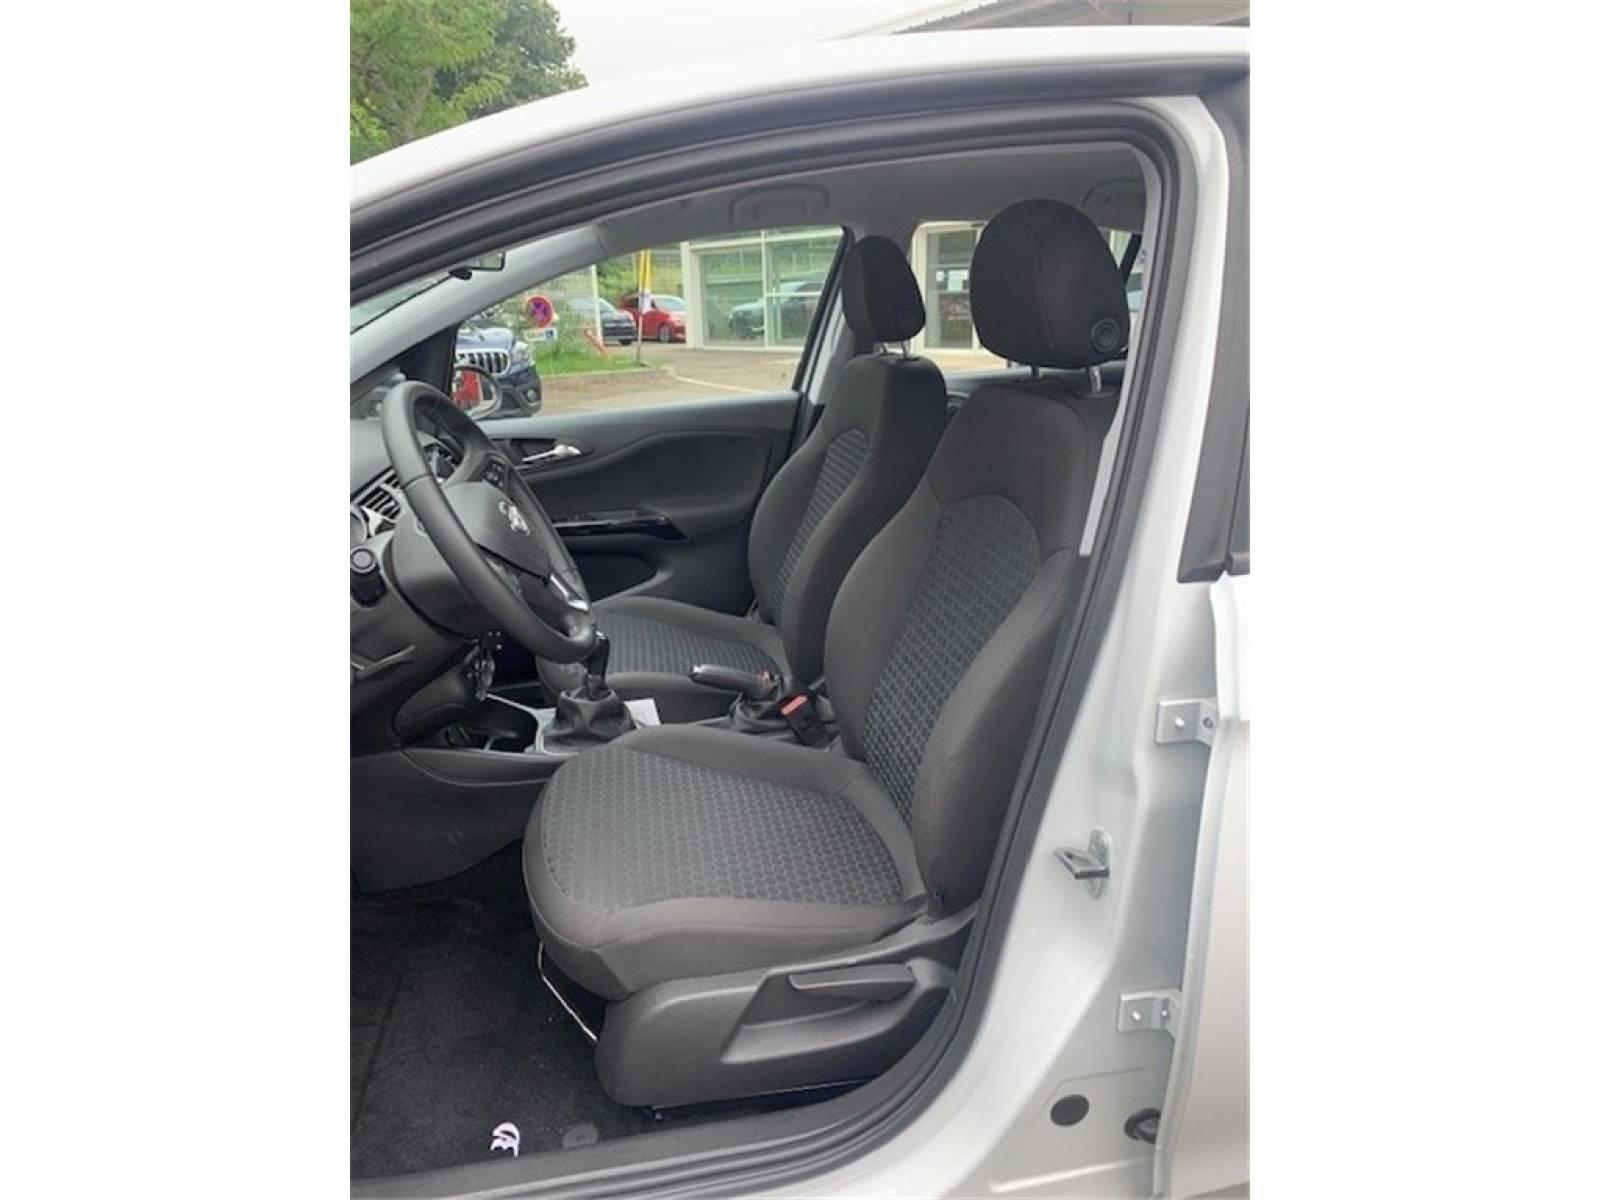 OPEL Corsa 1.0 Ecotec Turbo 90 ch - véhicule d'occasion - Groupe Guillet - Hall de l'automobile - Montceau les Mines - 71300 - Montceau-les-Mines - 20